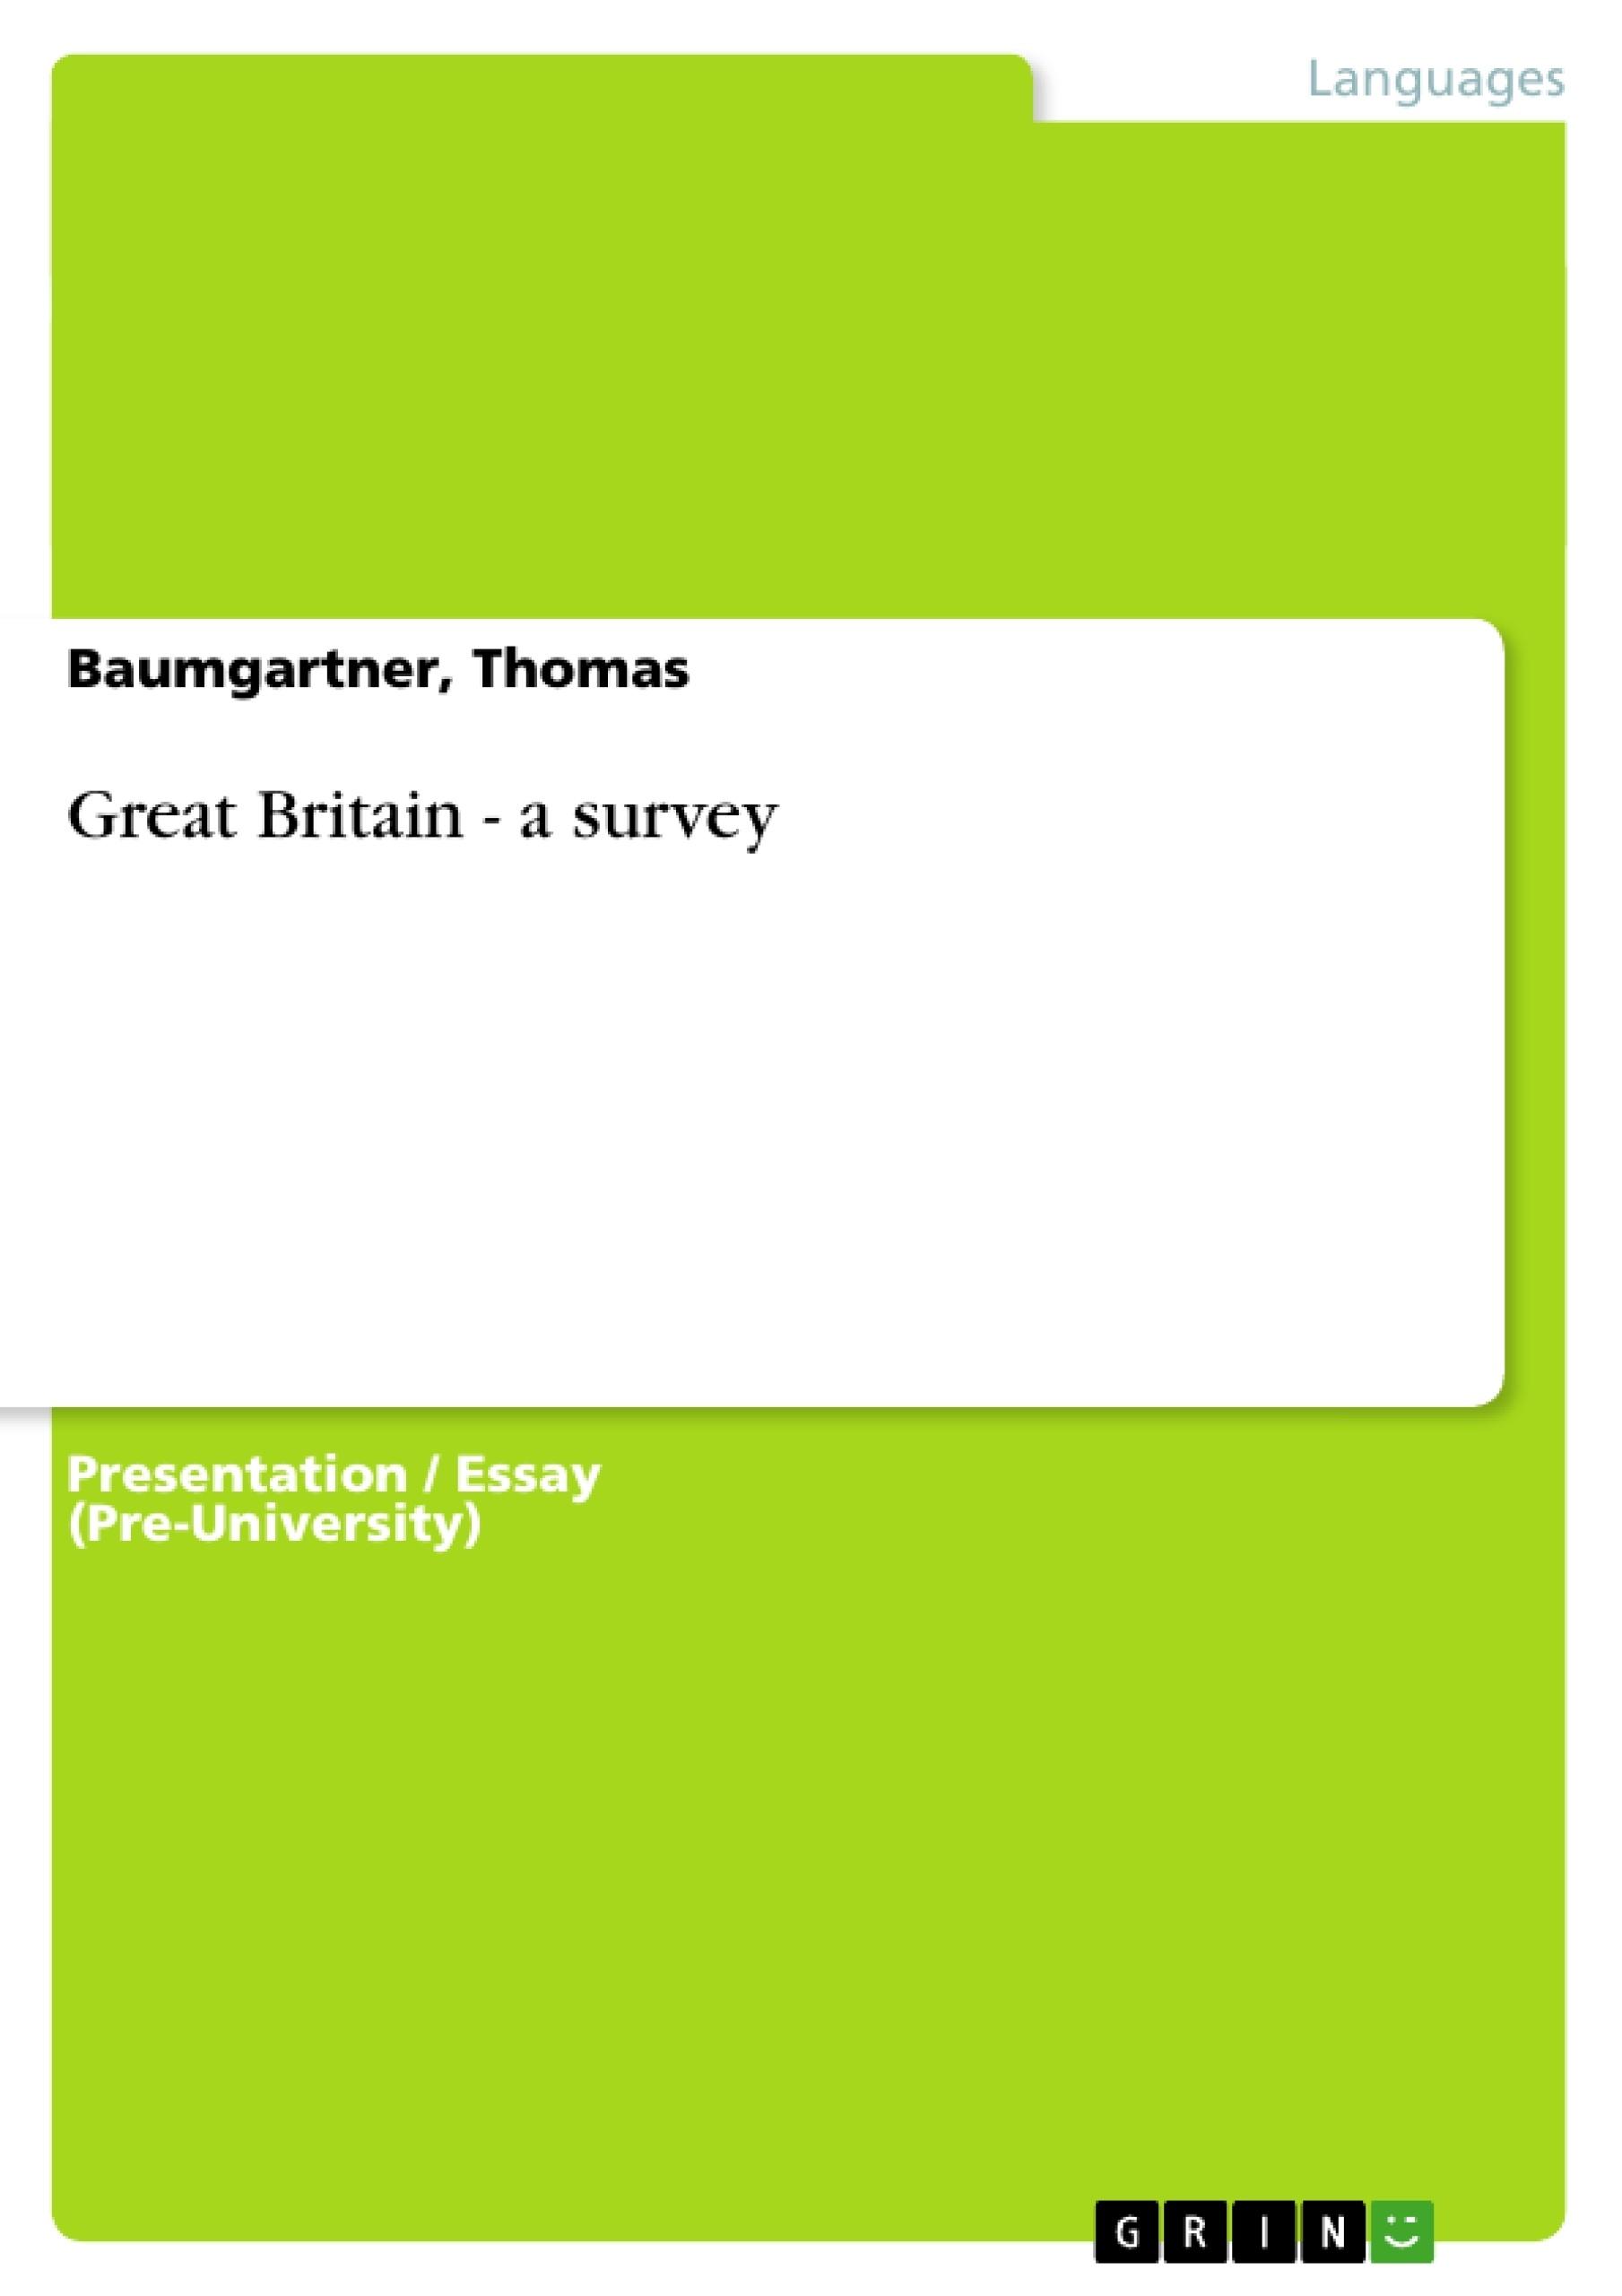 Title: Great Britain - a survey